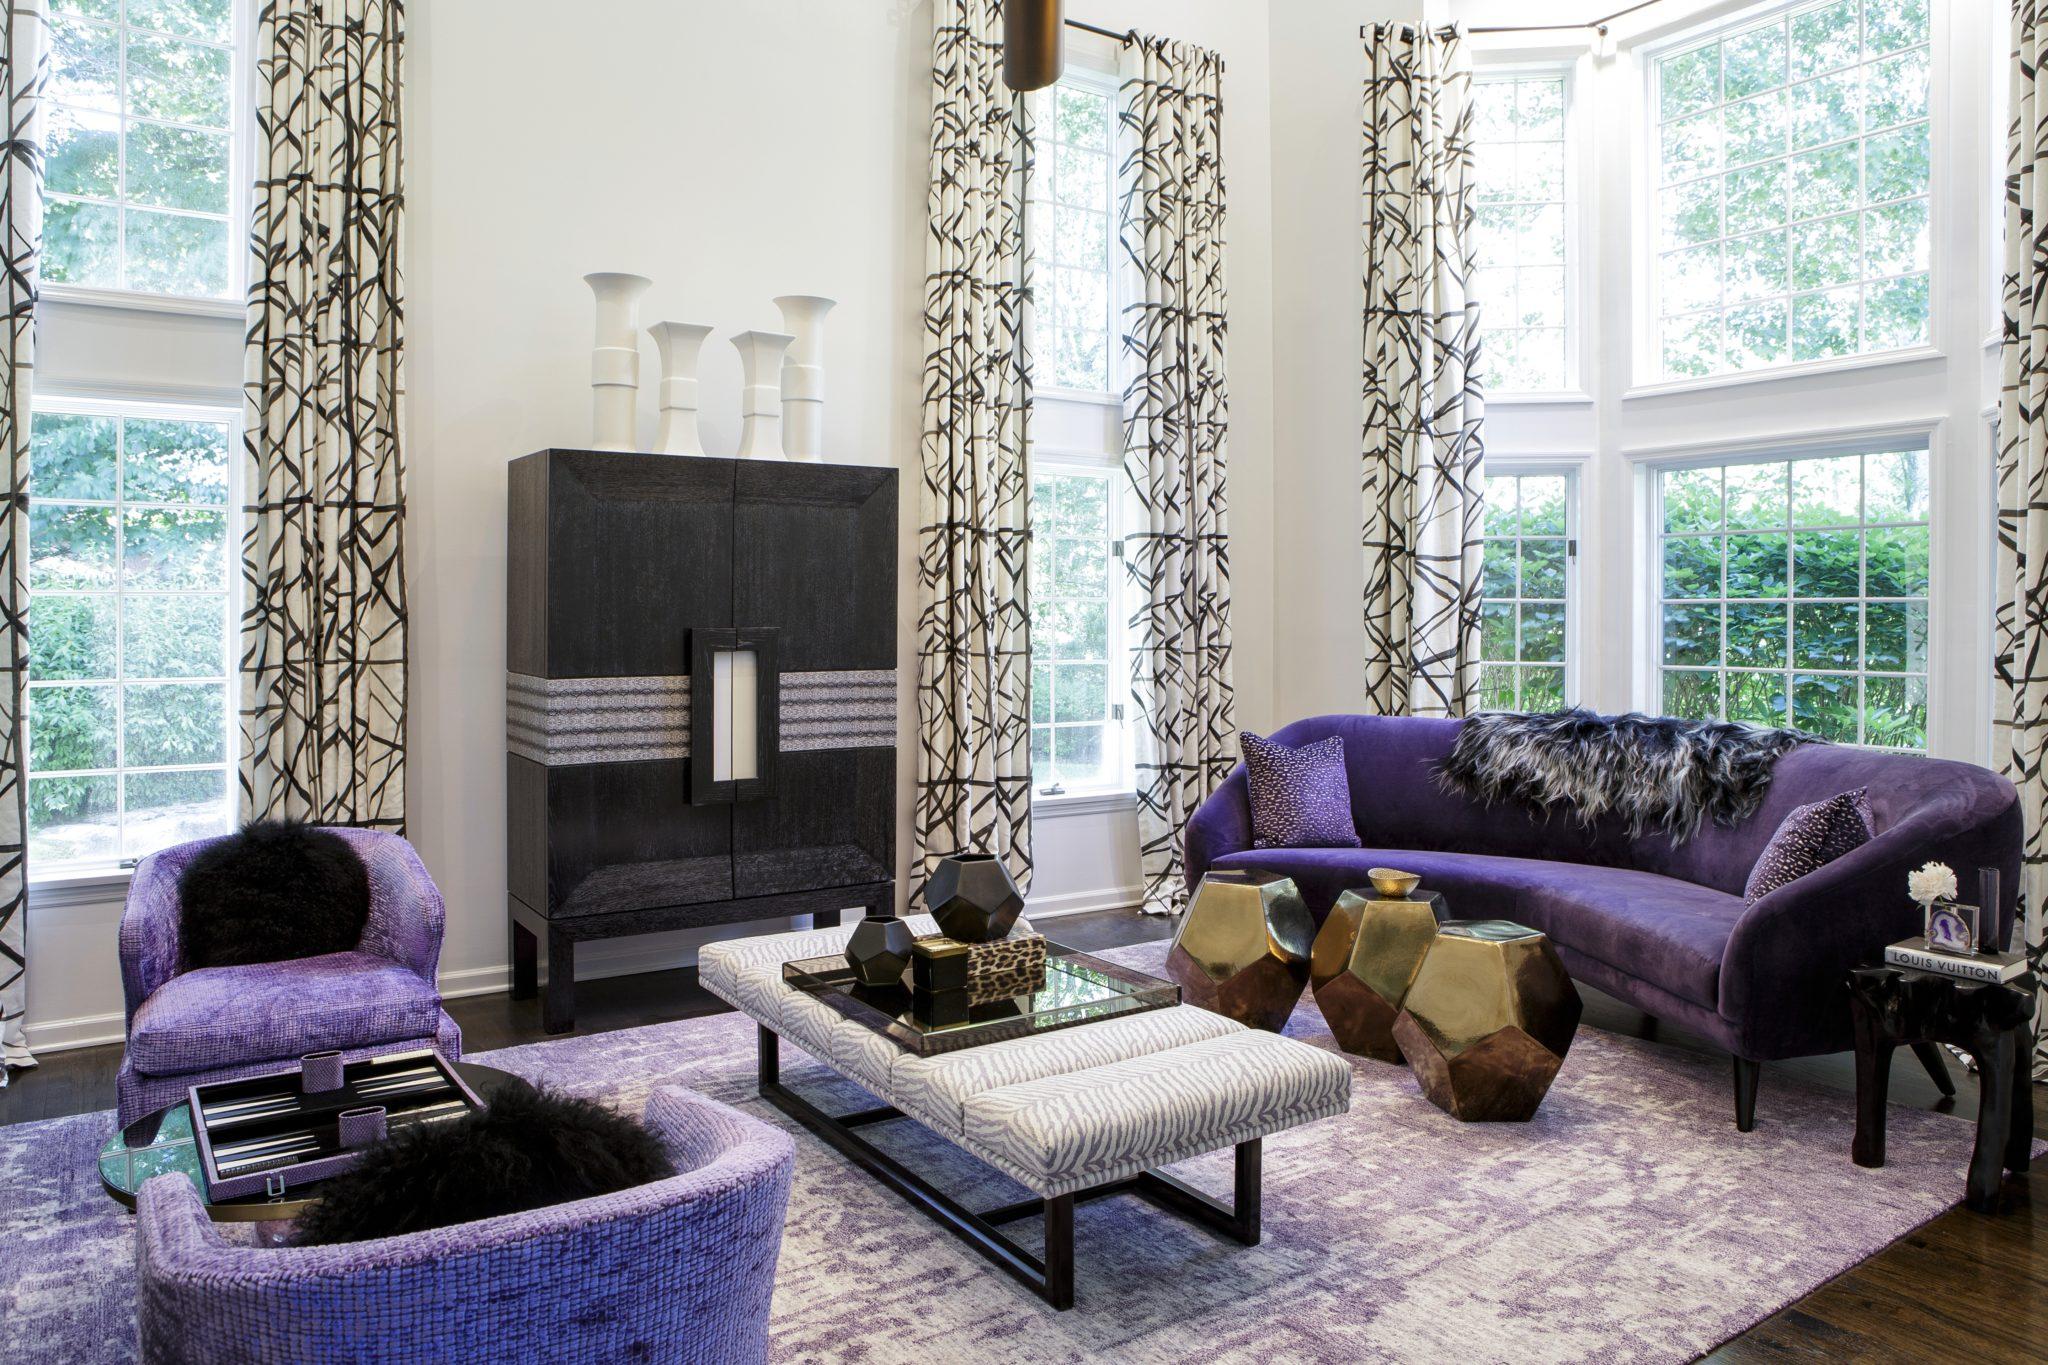 Cùng chiêm ngưỡng vẻ đẹp khó cưỡng của những căn phòng khách mang phong cách đương đại - Ảnh 5.